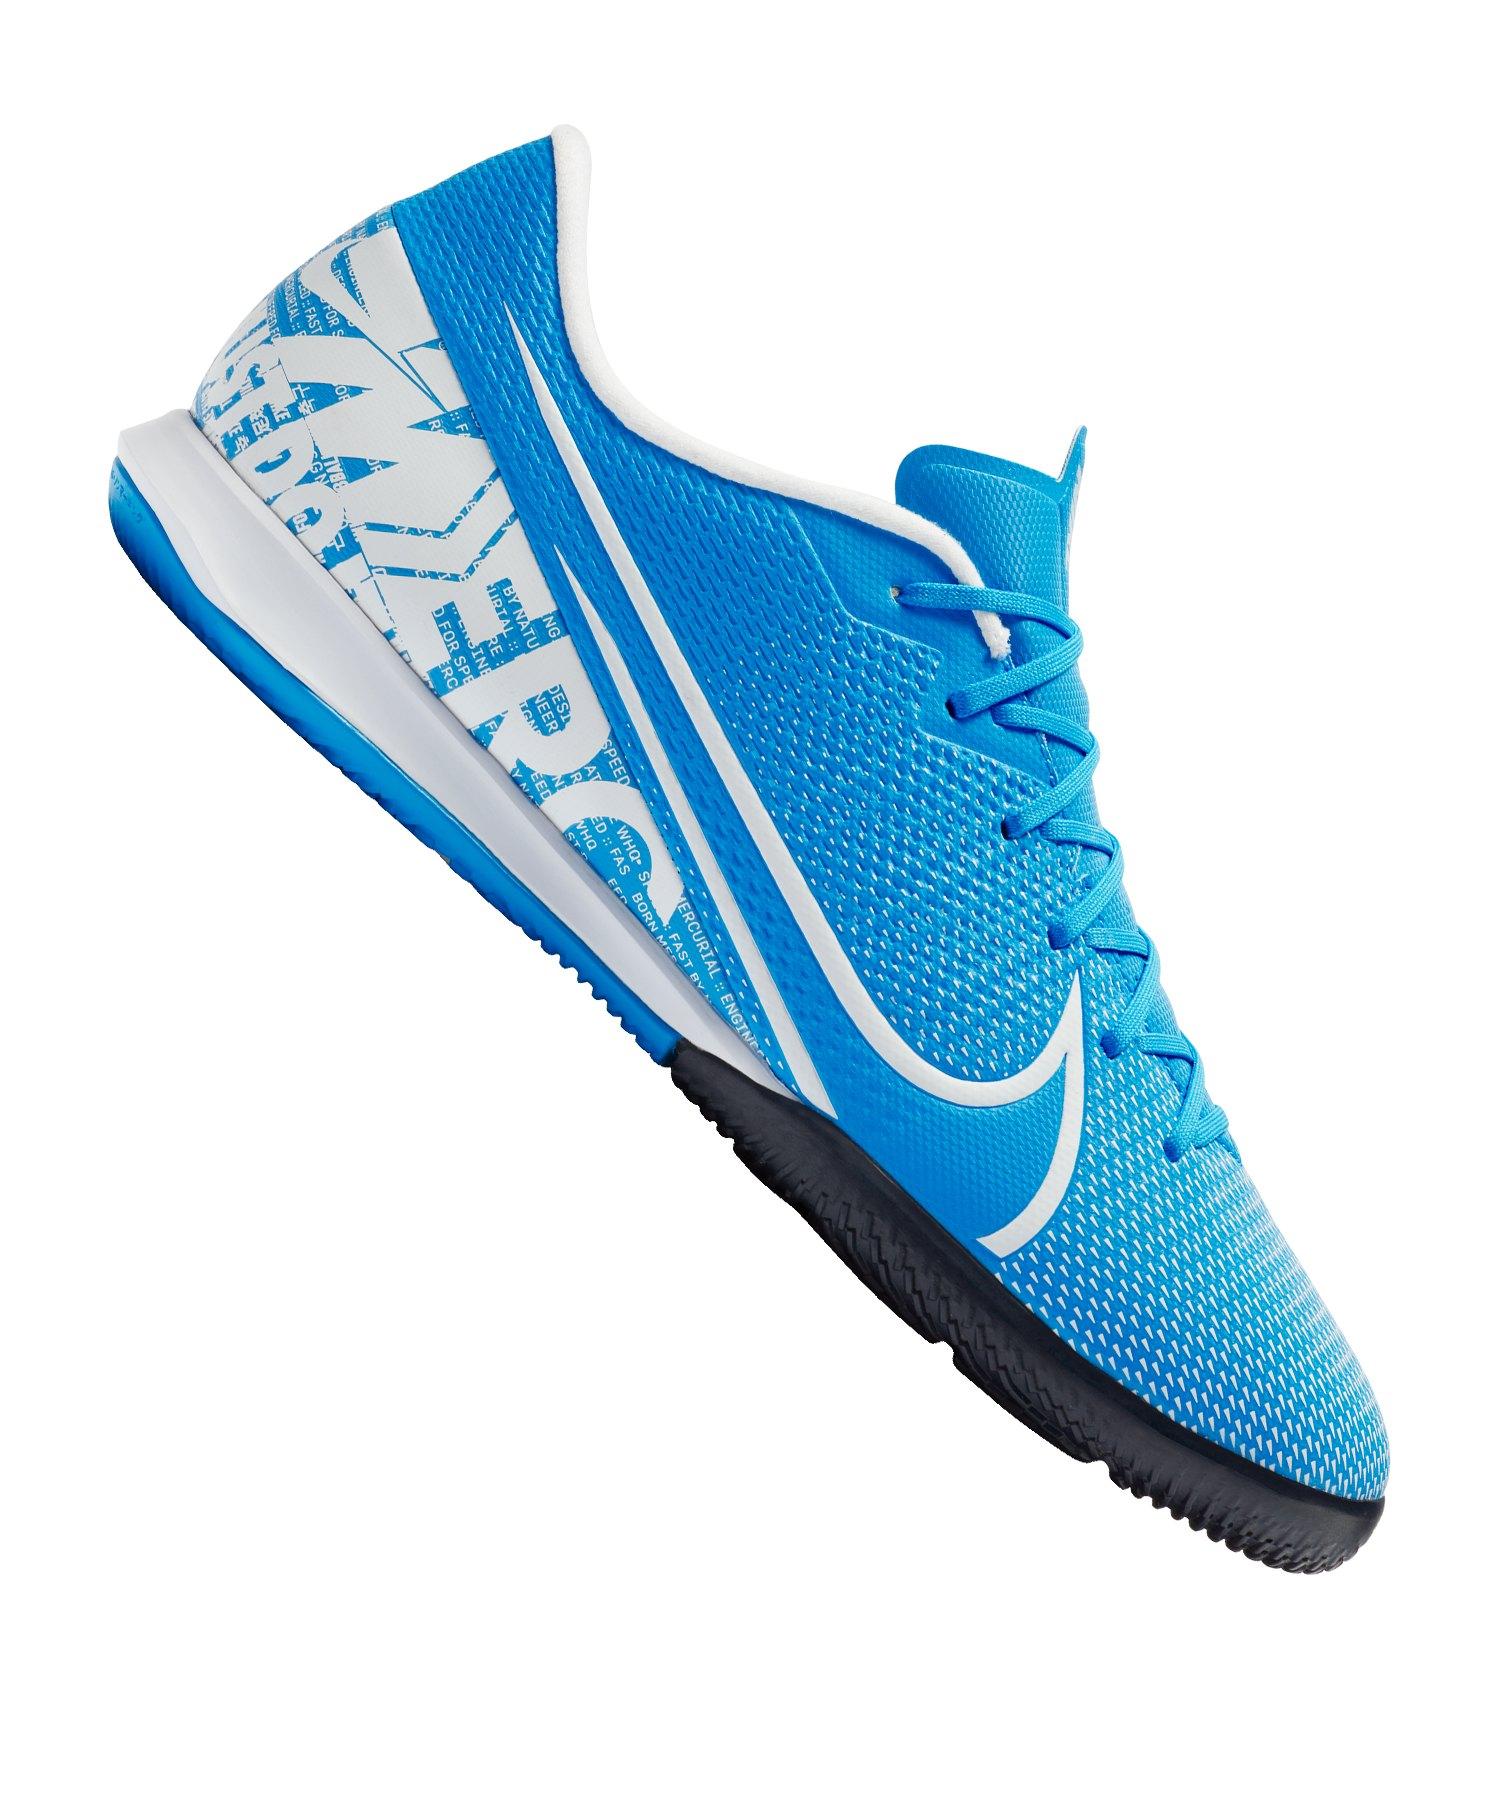 Nike Mercurial Vapor XIII Academy IC Blau F414 - blau